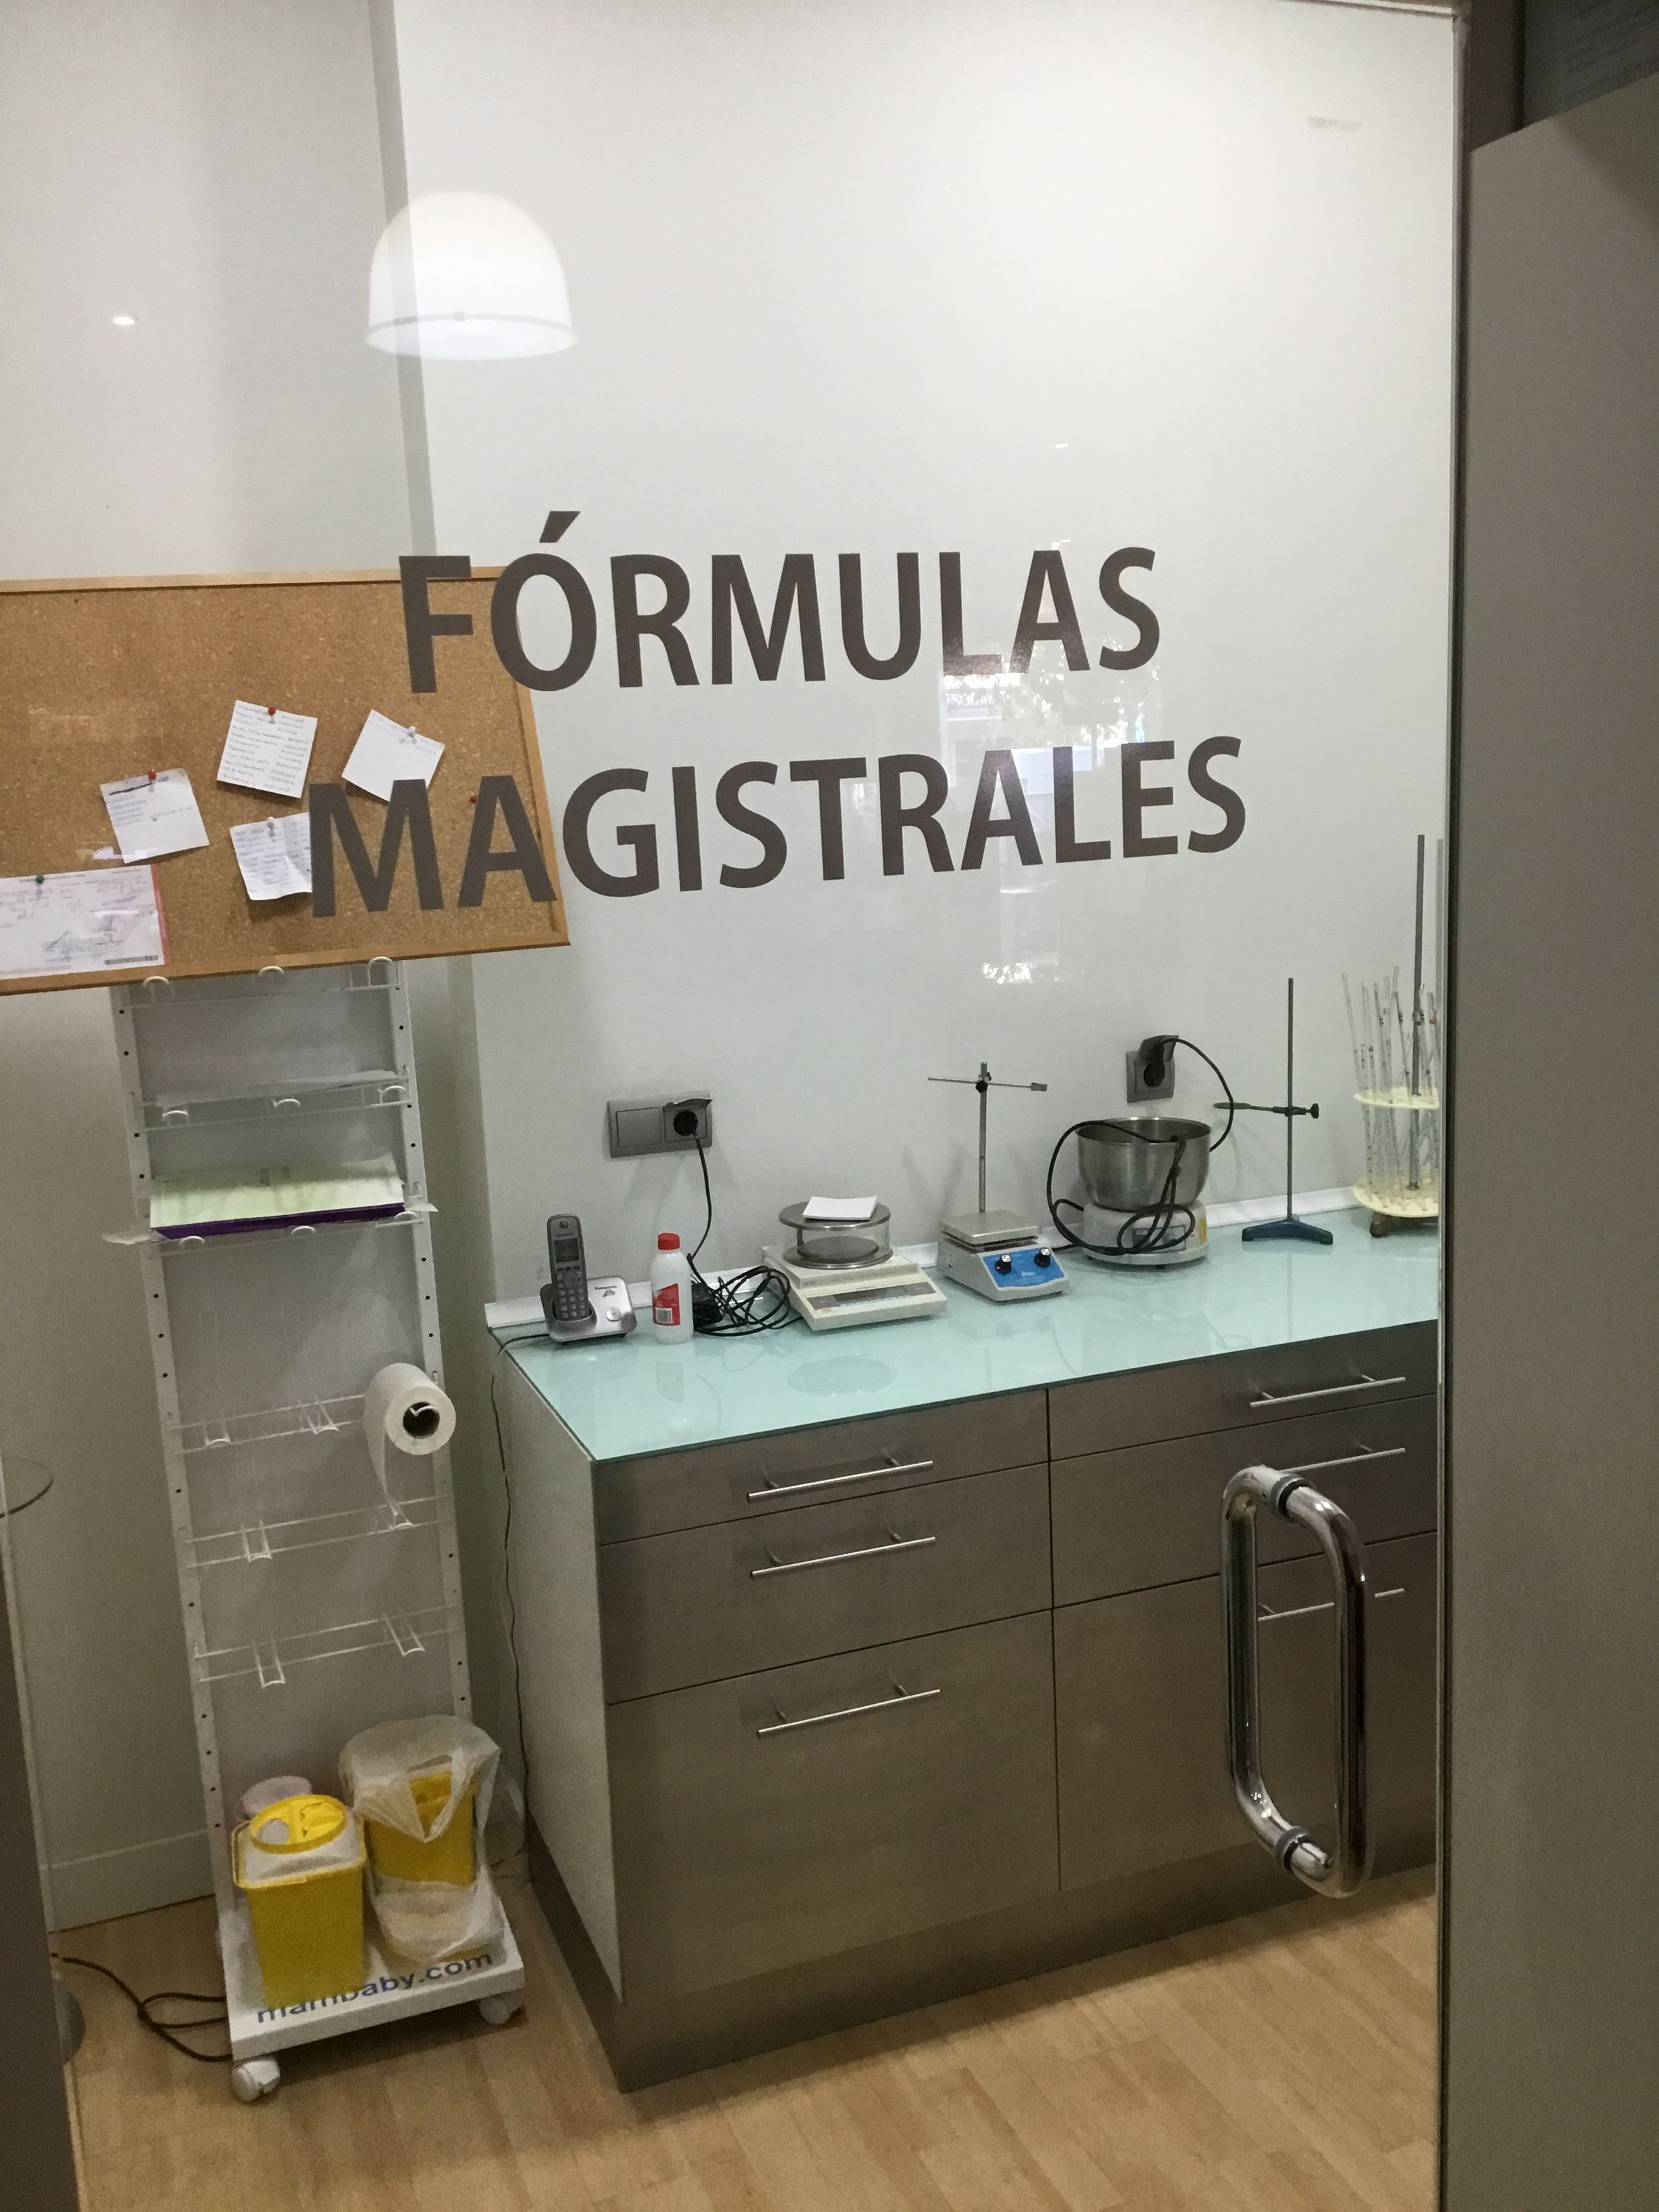 Fórmulas magistrales en San Jerónimo, Sevilla